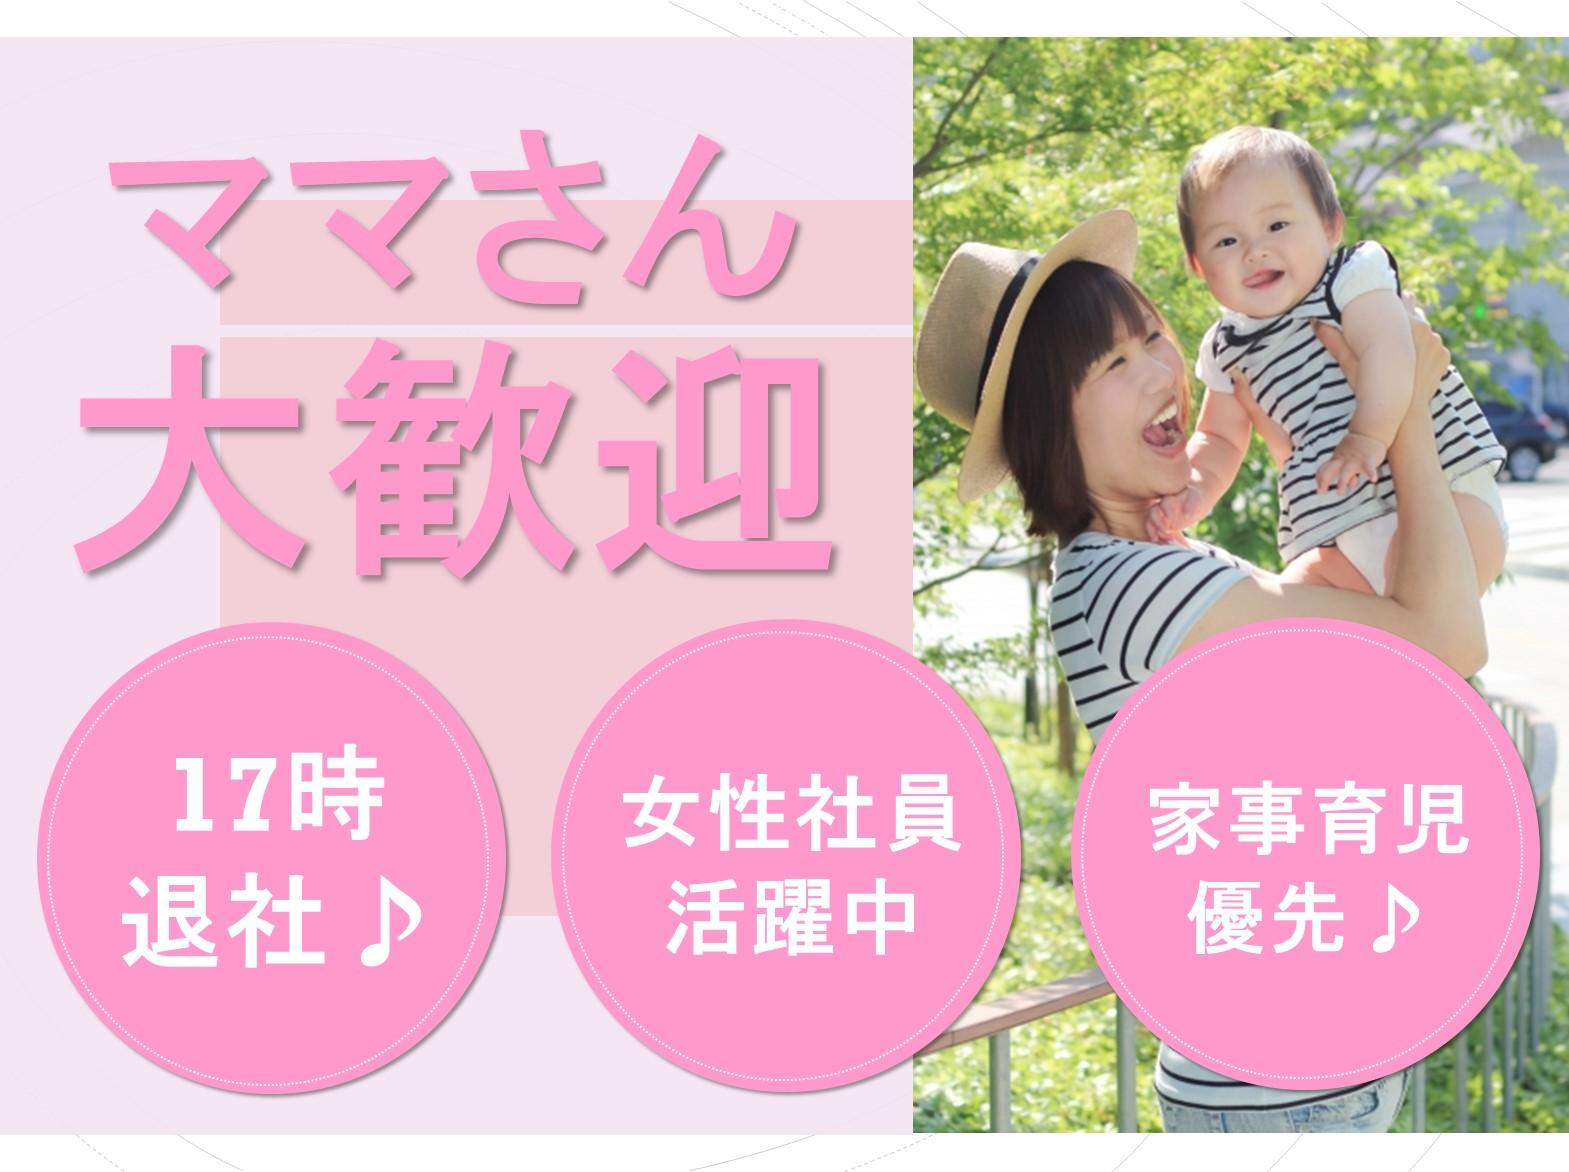 家事育児の両立ができる!福利厚生プランナー 愛知県半田市 イメージ